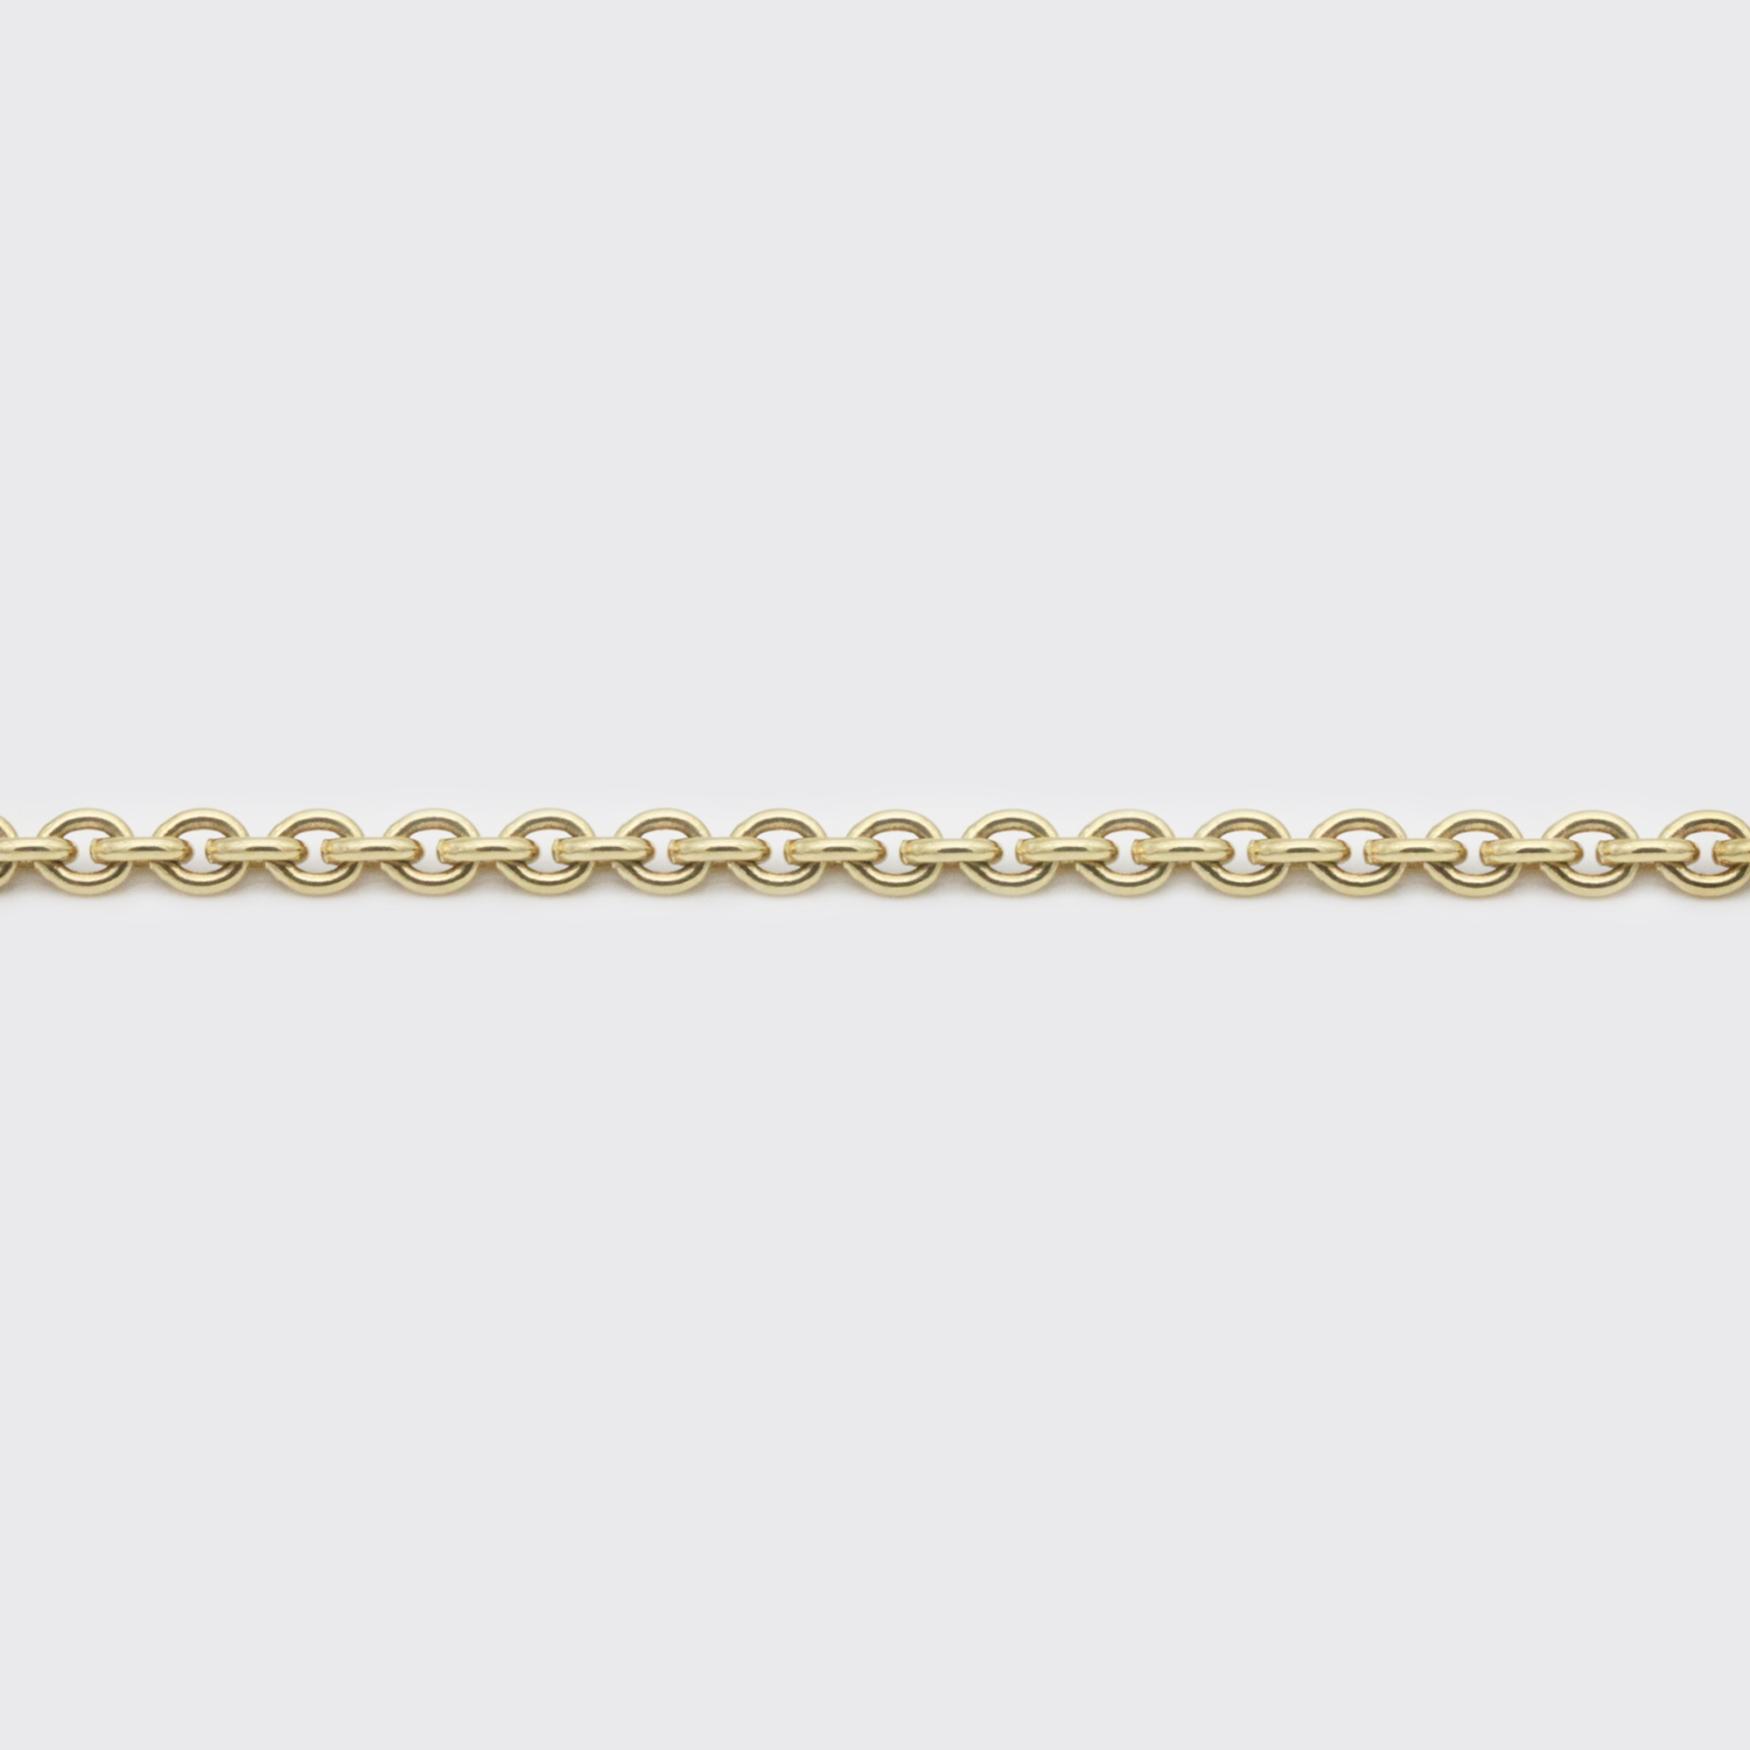 Halskette - Ankerkette Gelbgold breit